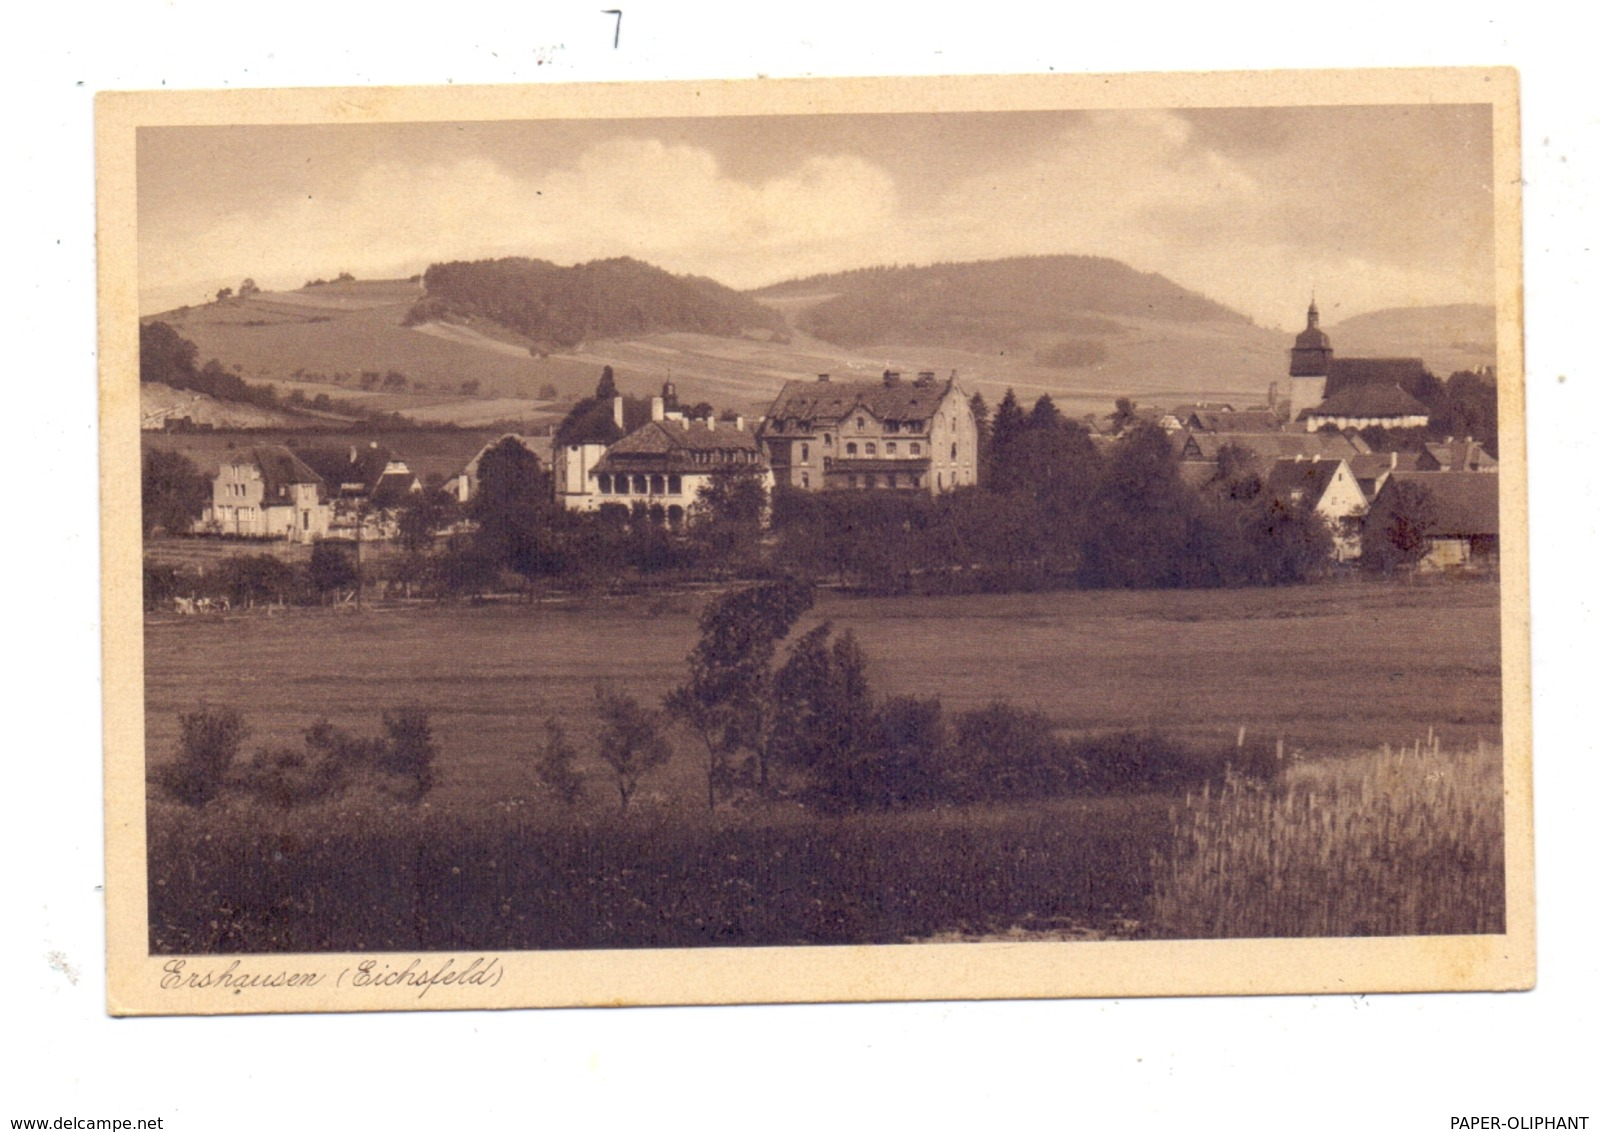 0-5631 ERSHAUSEN / Eichsfeld, St. Johannes Stift, 1934 - Heiligenstadt